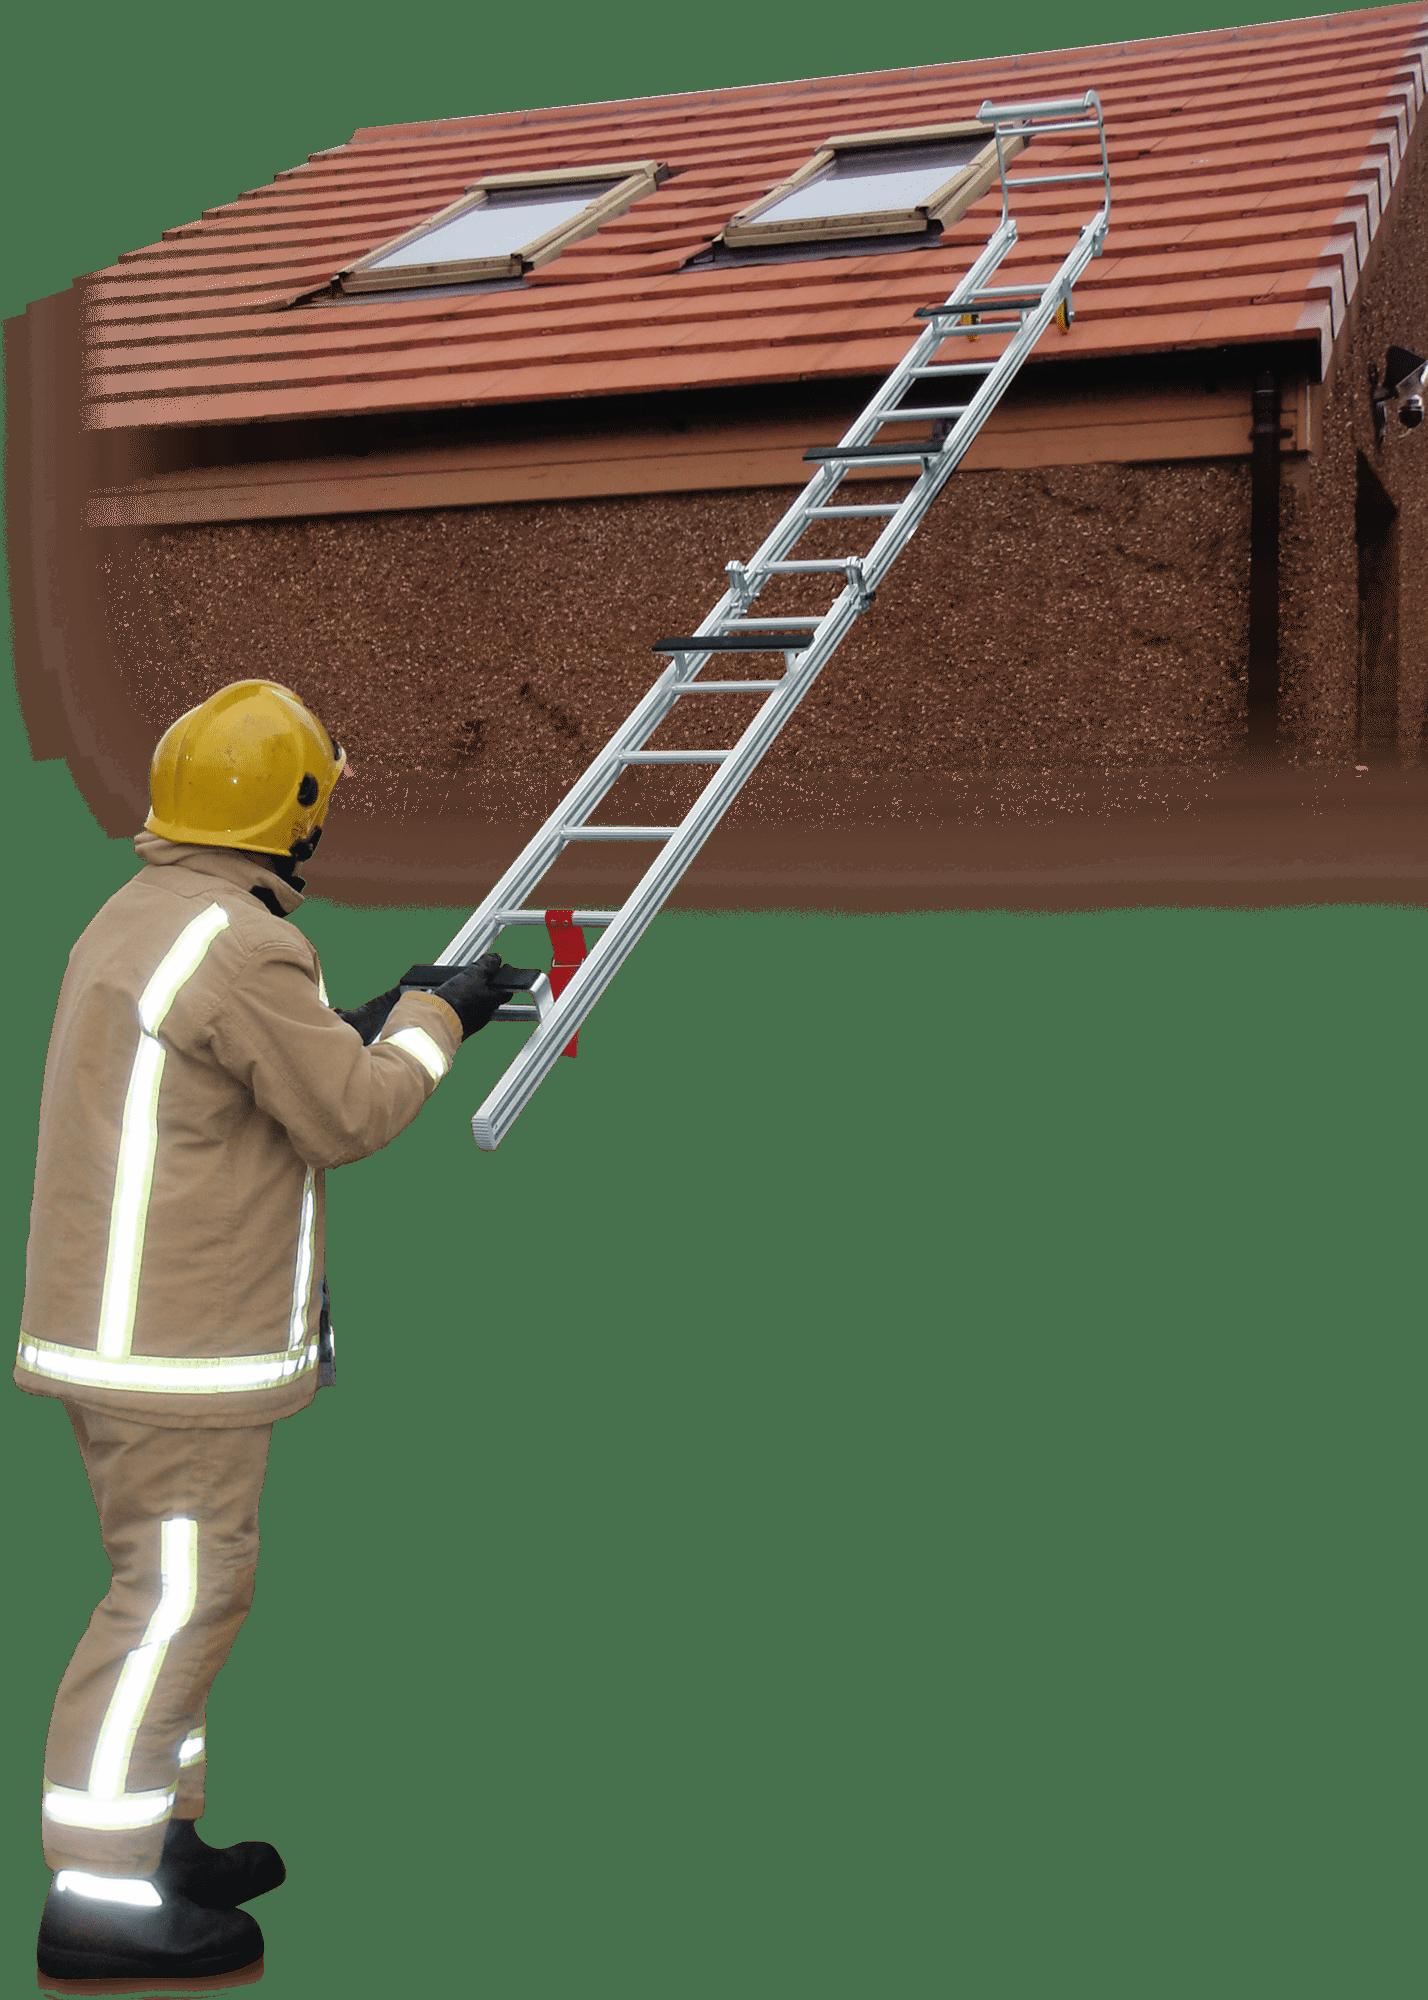 hasičský skladací rebrík klbový na strechu